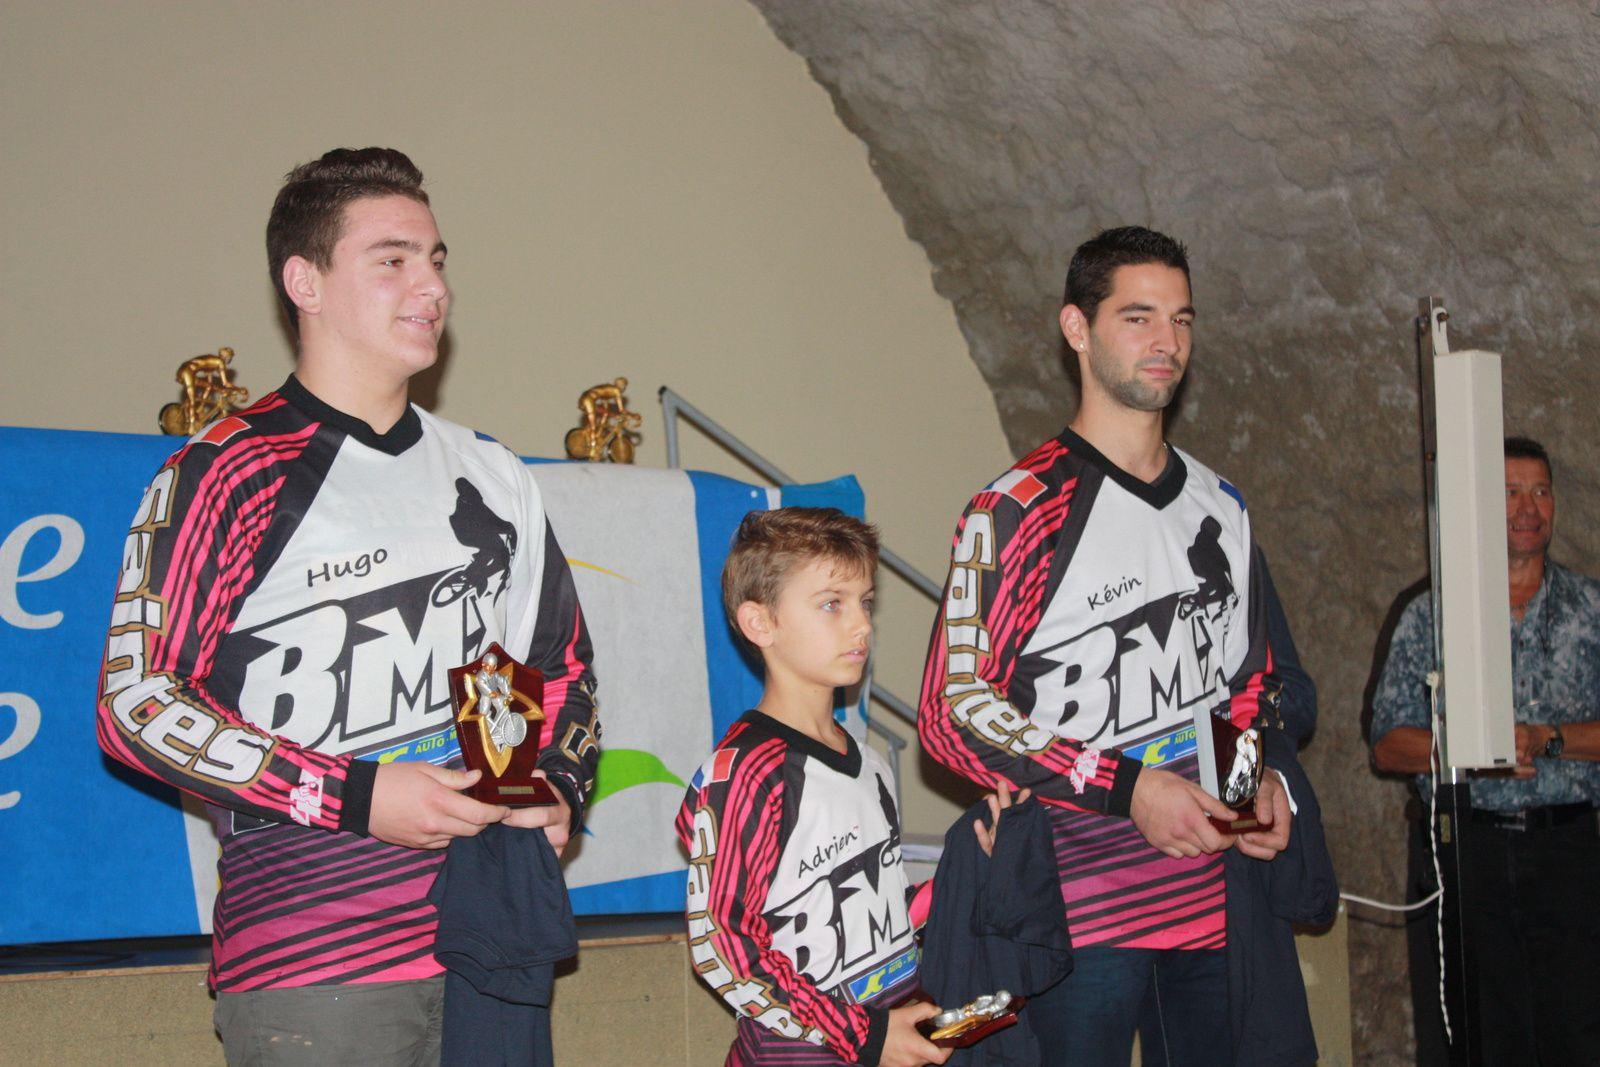 La  remise  des  récompenses  au  BMX